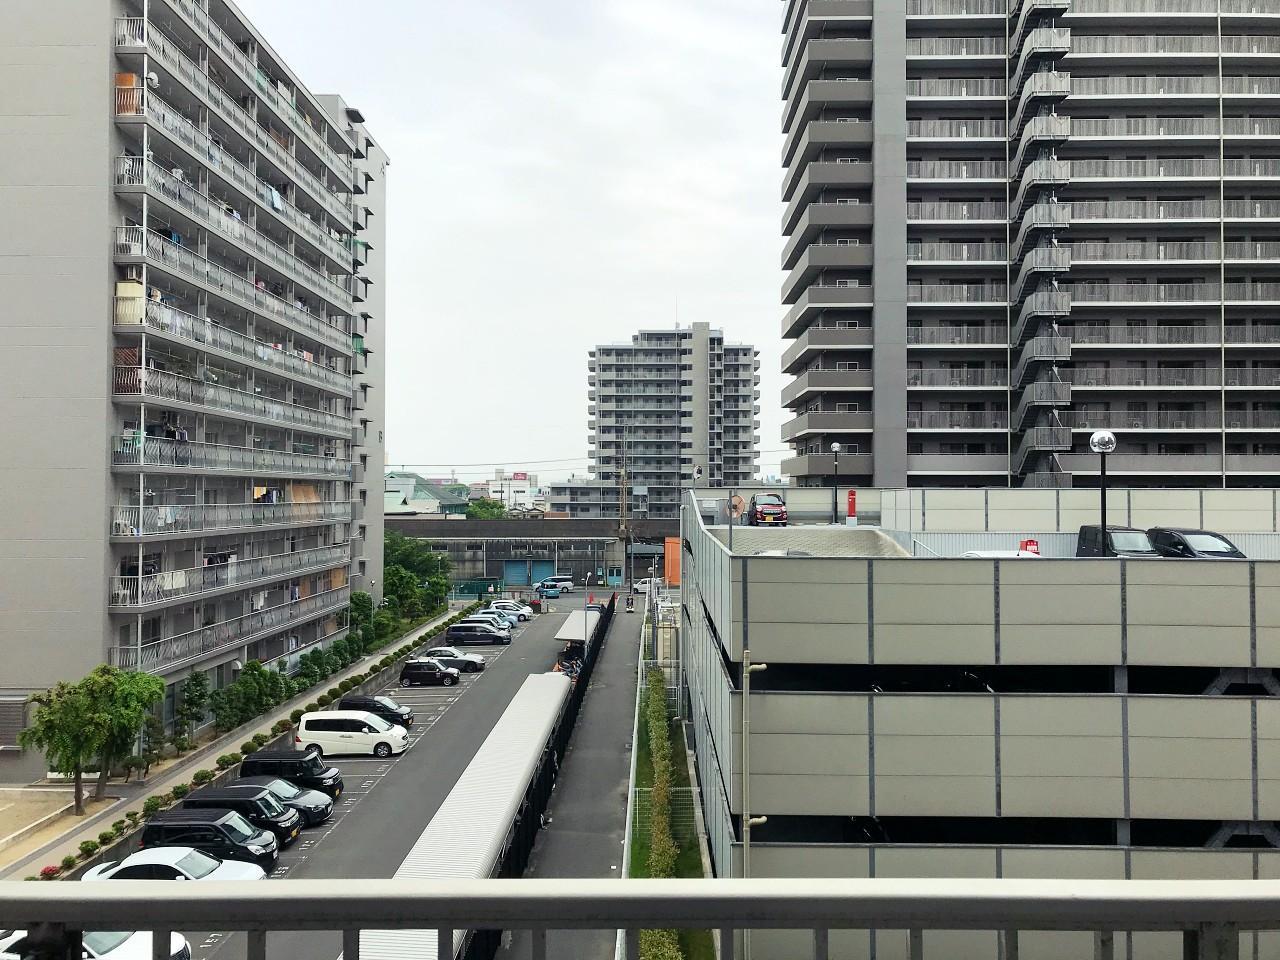 眺望、別のマンションの立体駐車場が見えます